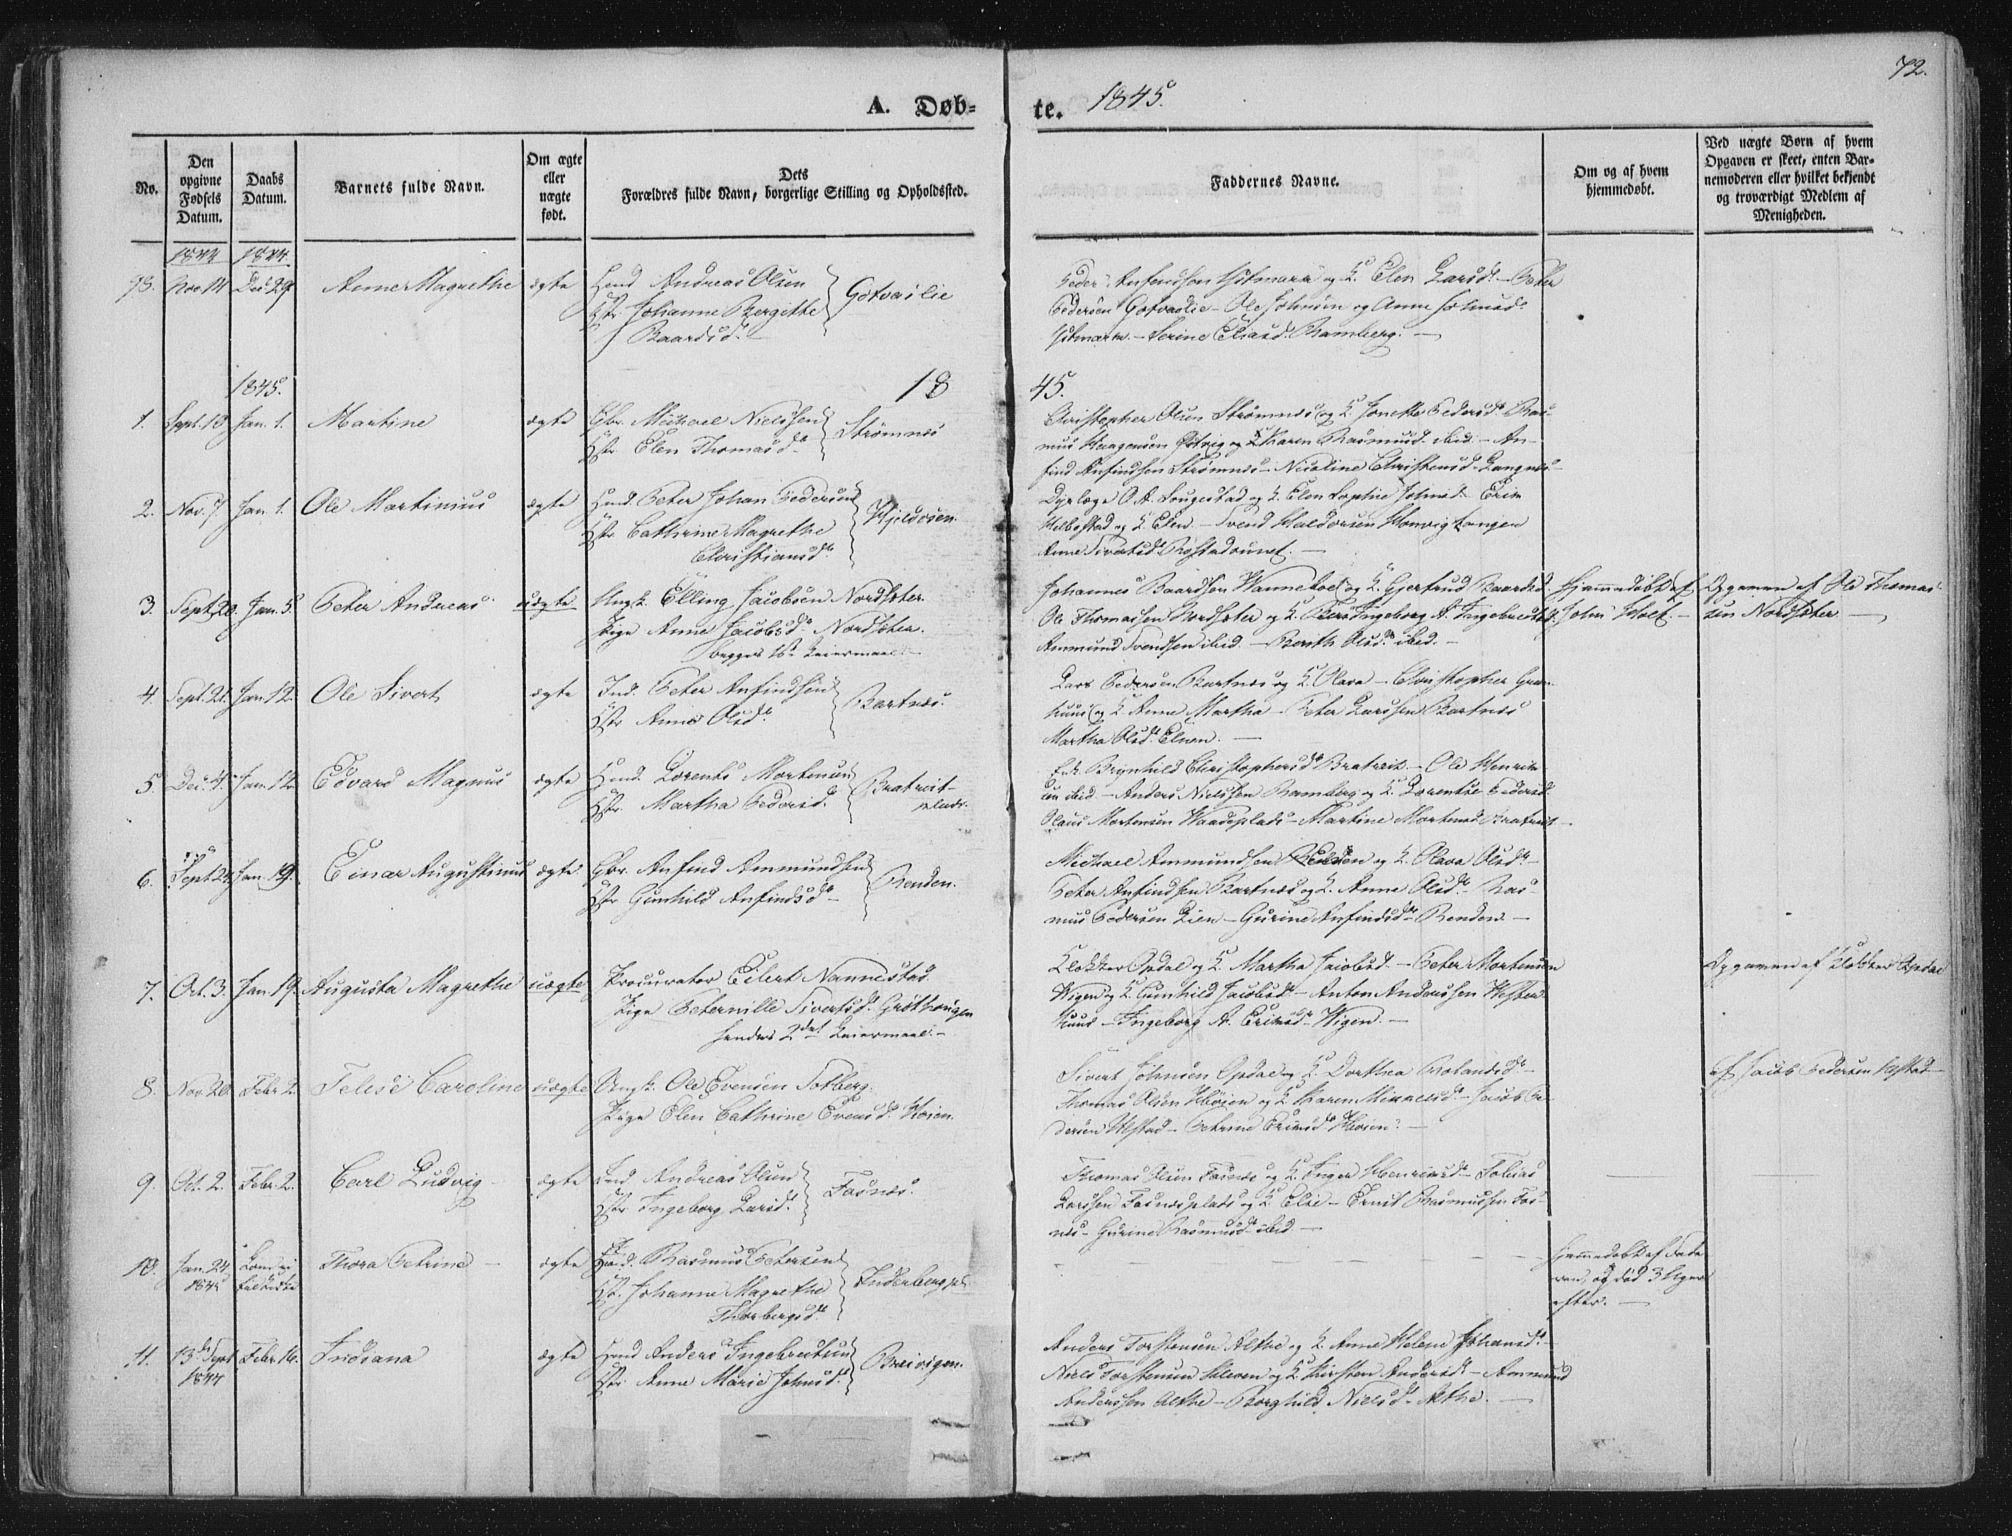 SAT, Ministerialprotokoller, klokkerbøker og fødselsregistre - Nord-Trøndelag, 741/L0392: Ministerialbok nr. 741A06, 1836-1848, s. 72